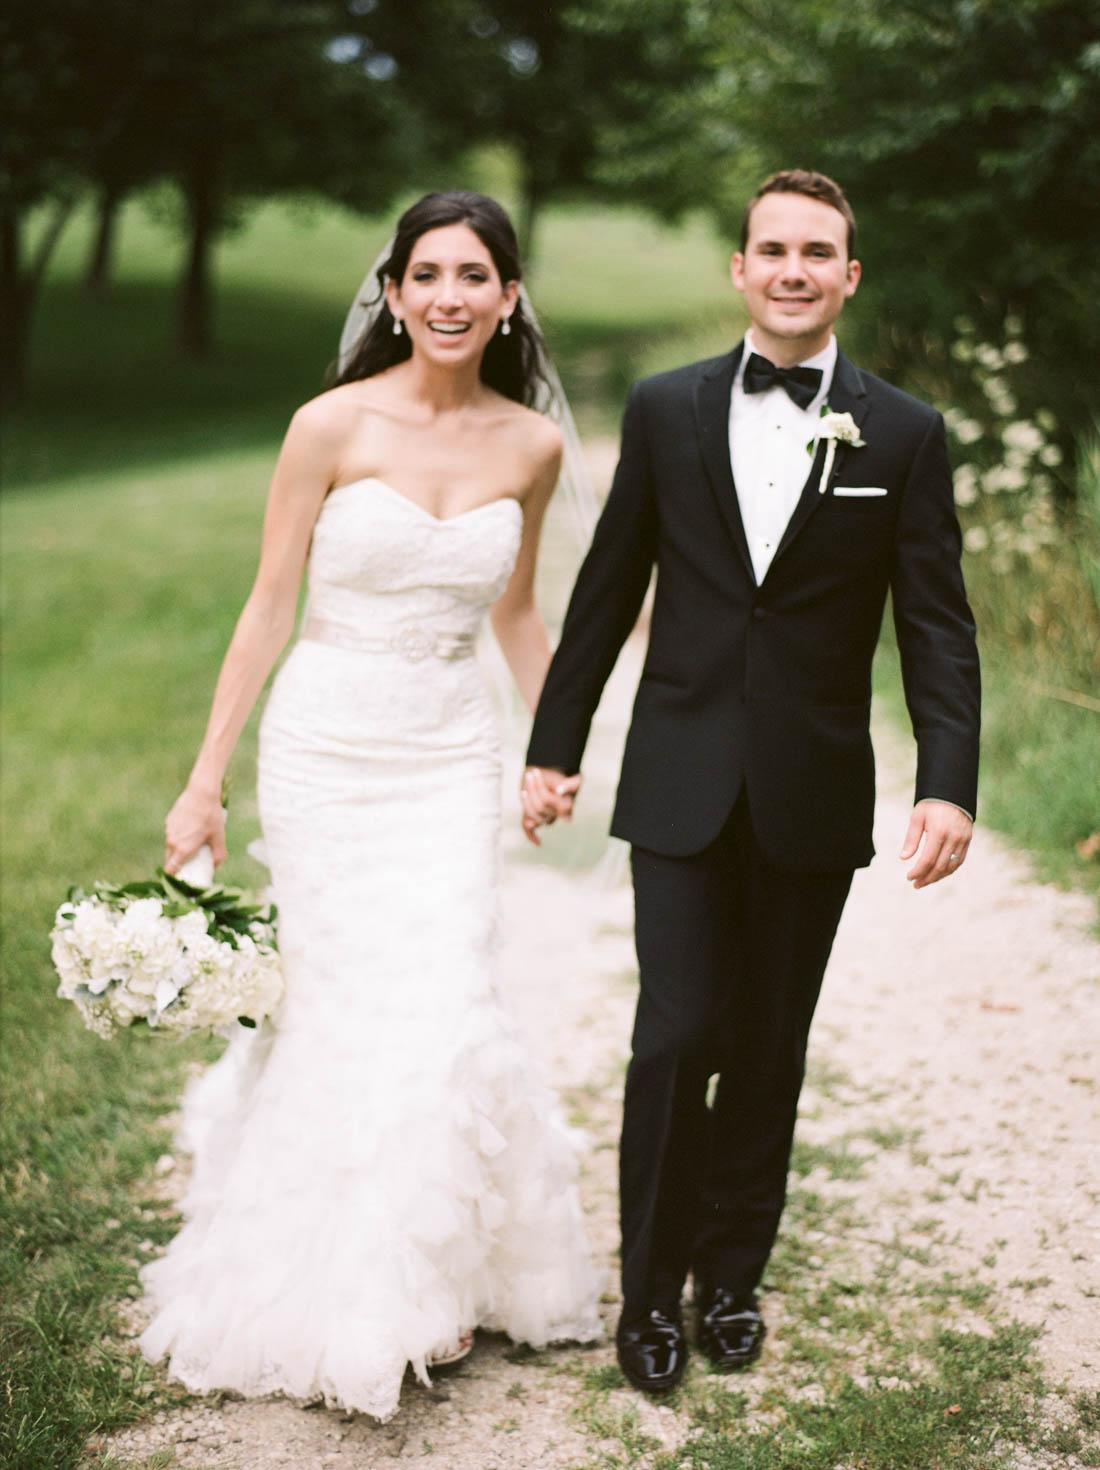 kateweinsteinphoto_alyssaconnor_wedding-459.jpg